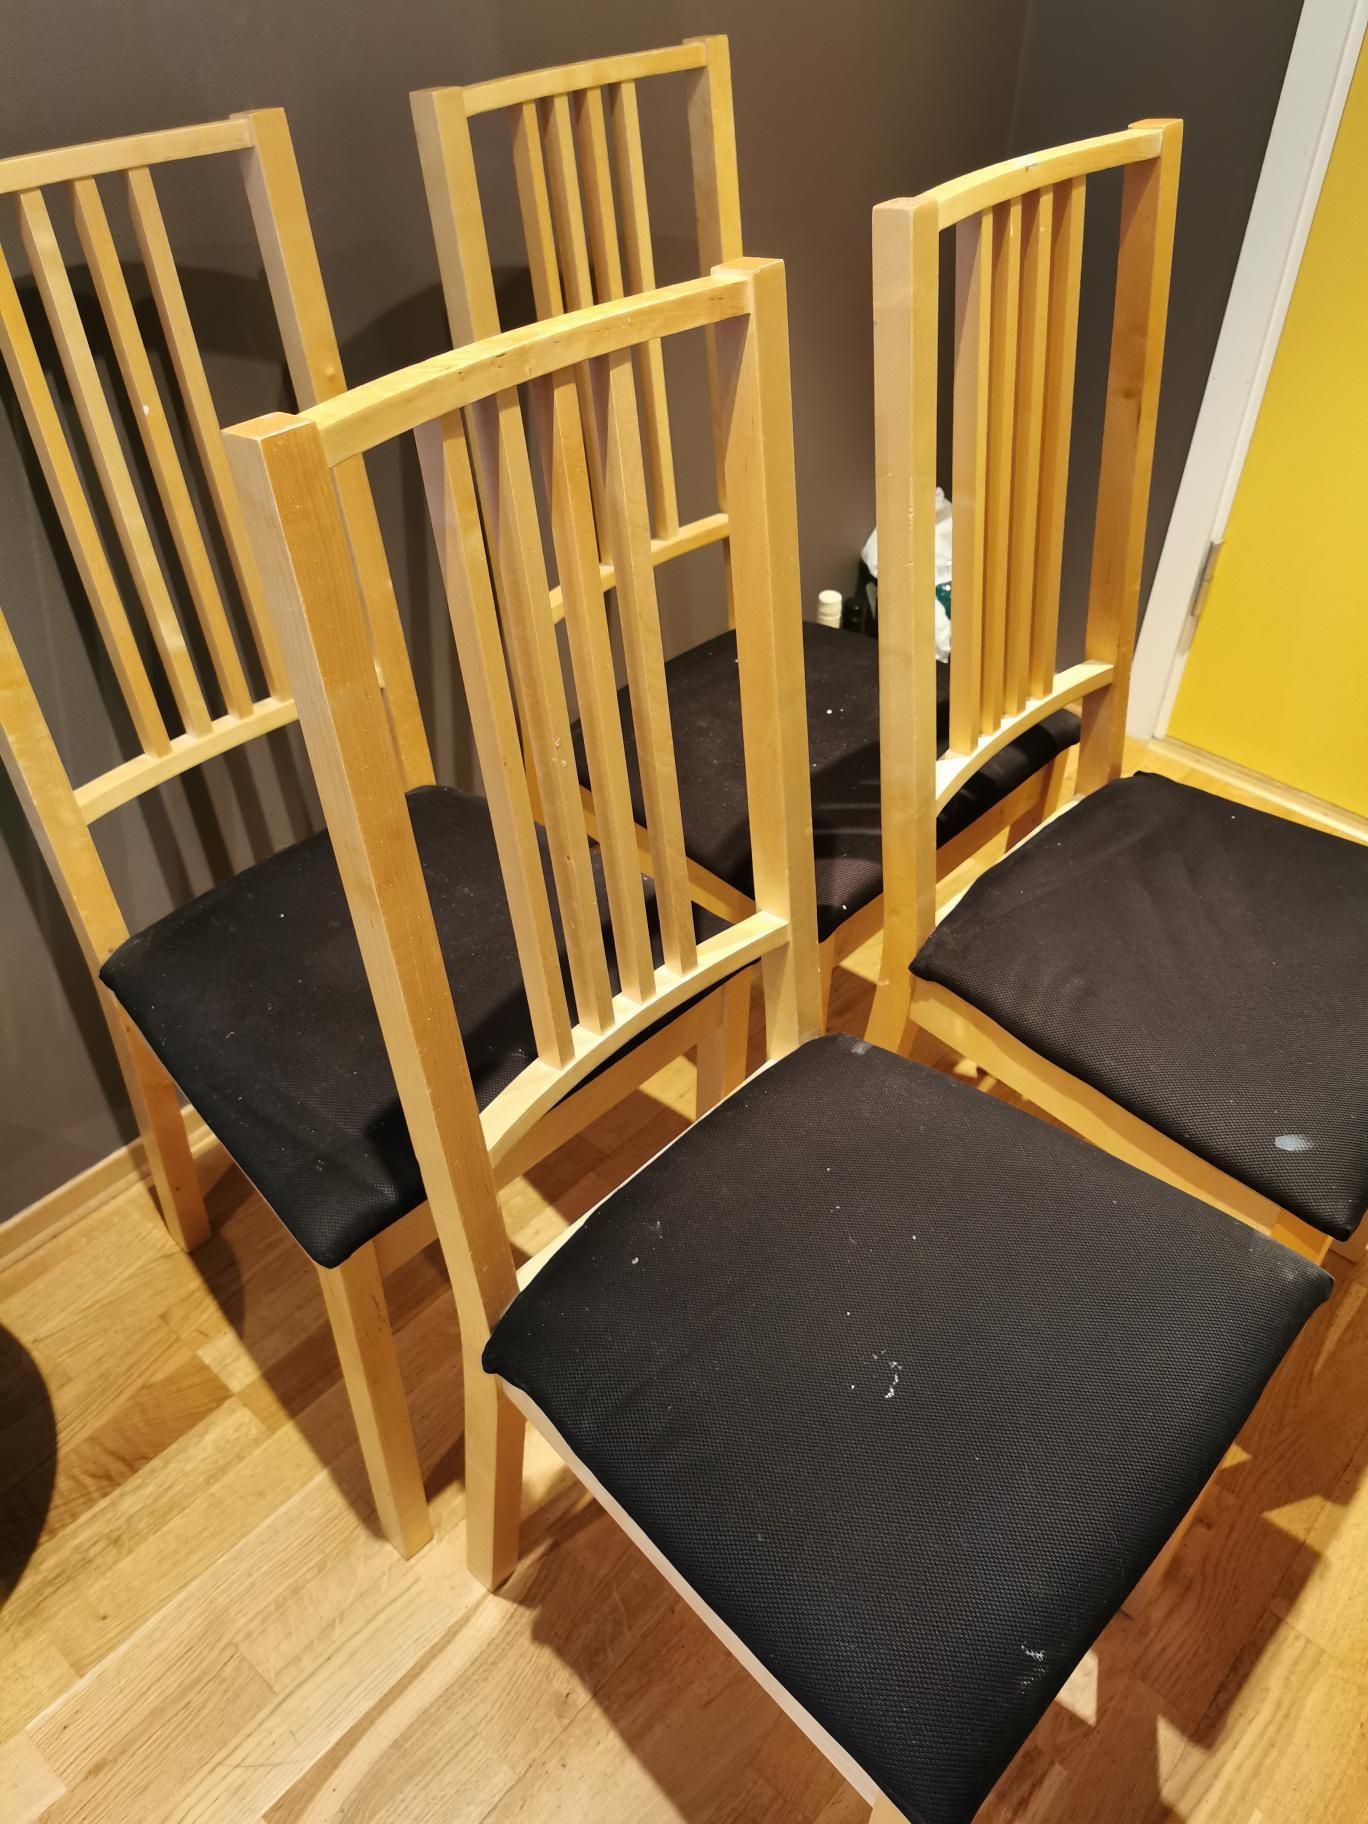 4 Ikea Börje stoler | FINN.no